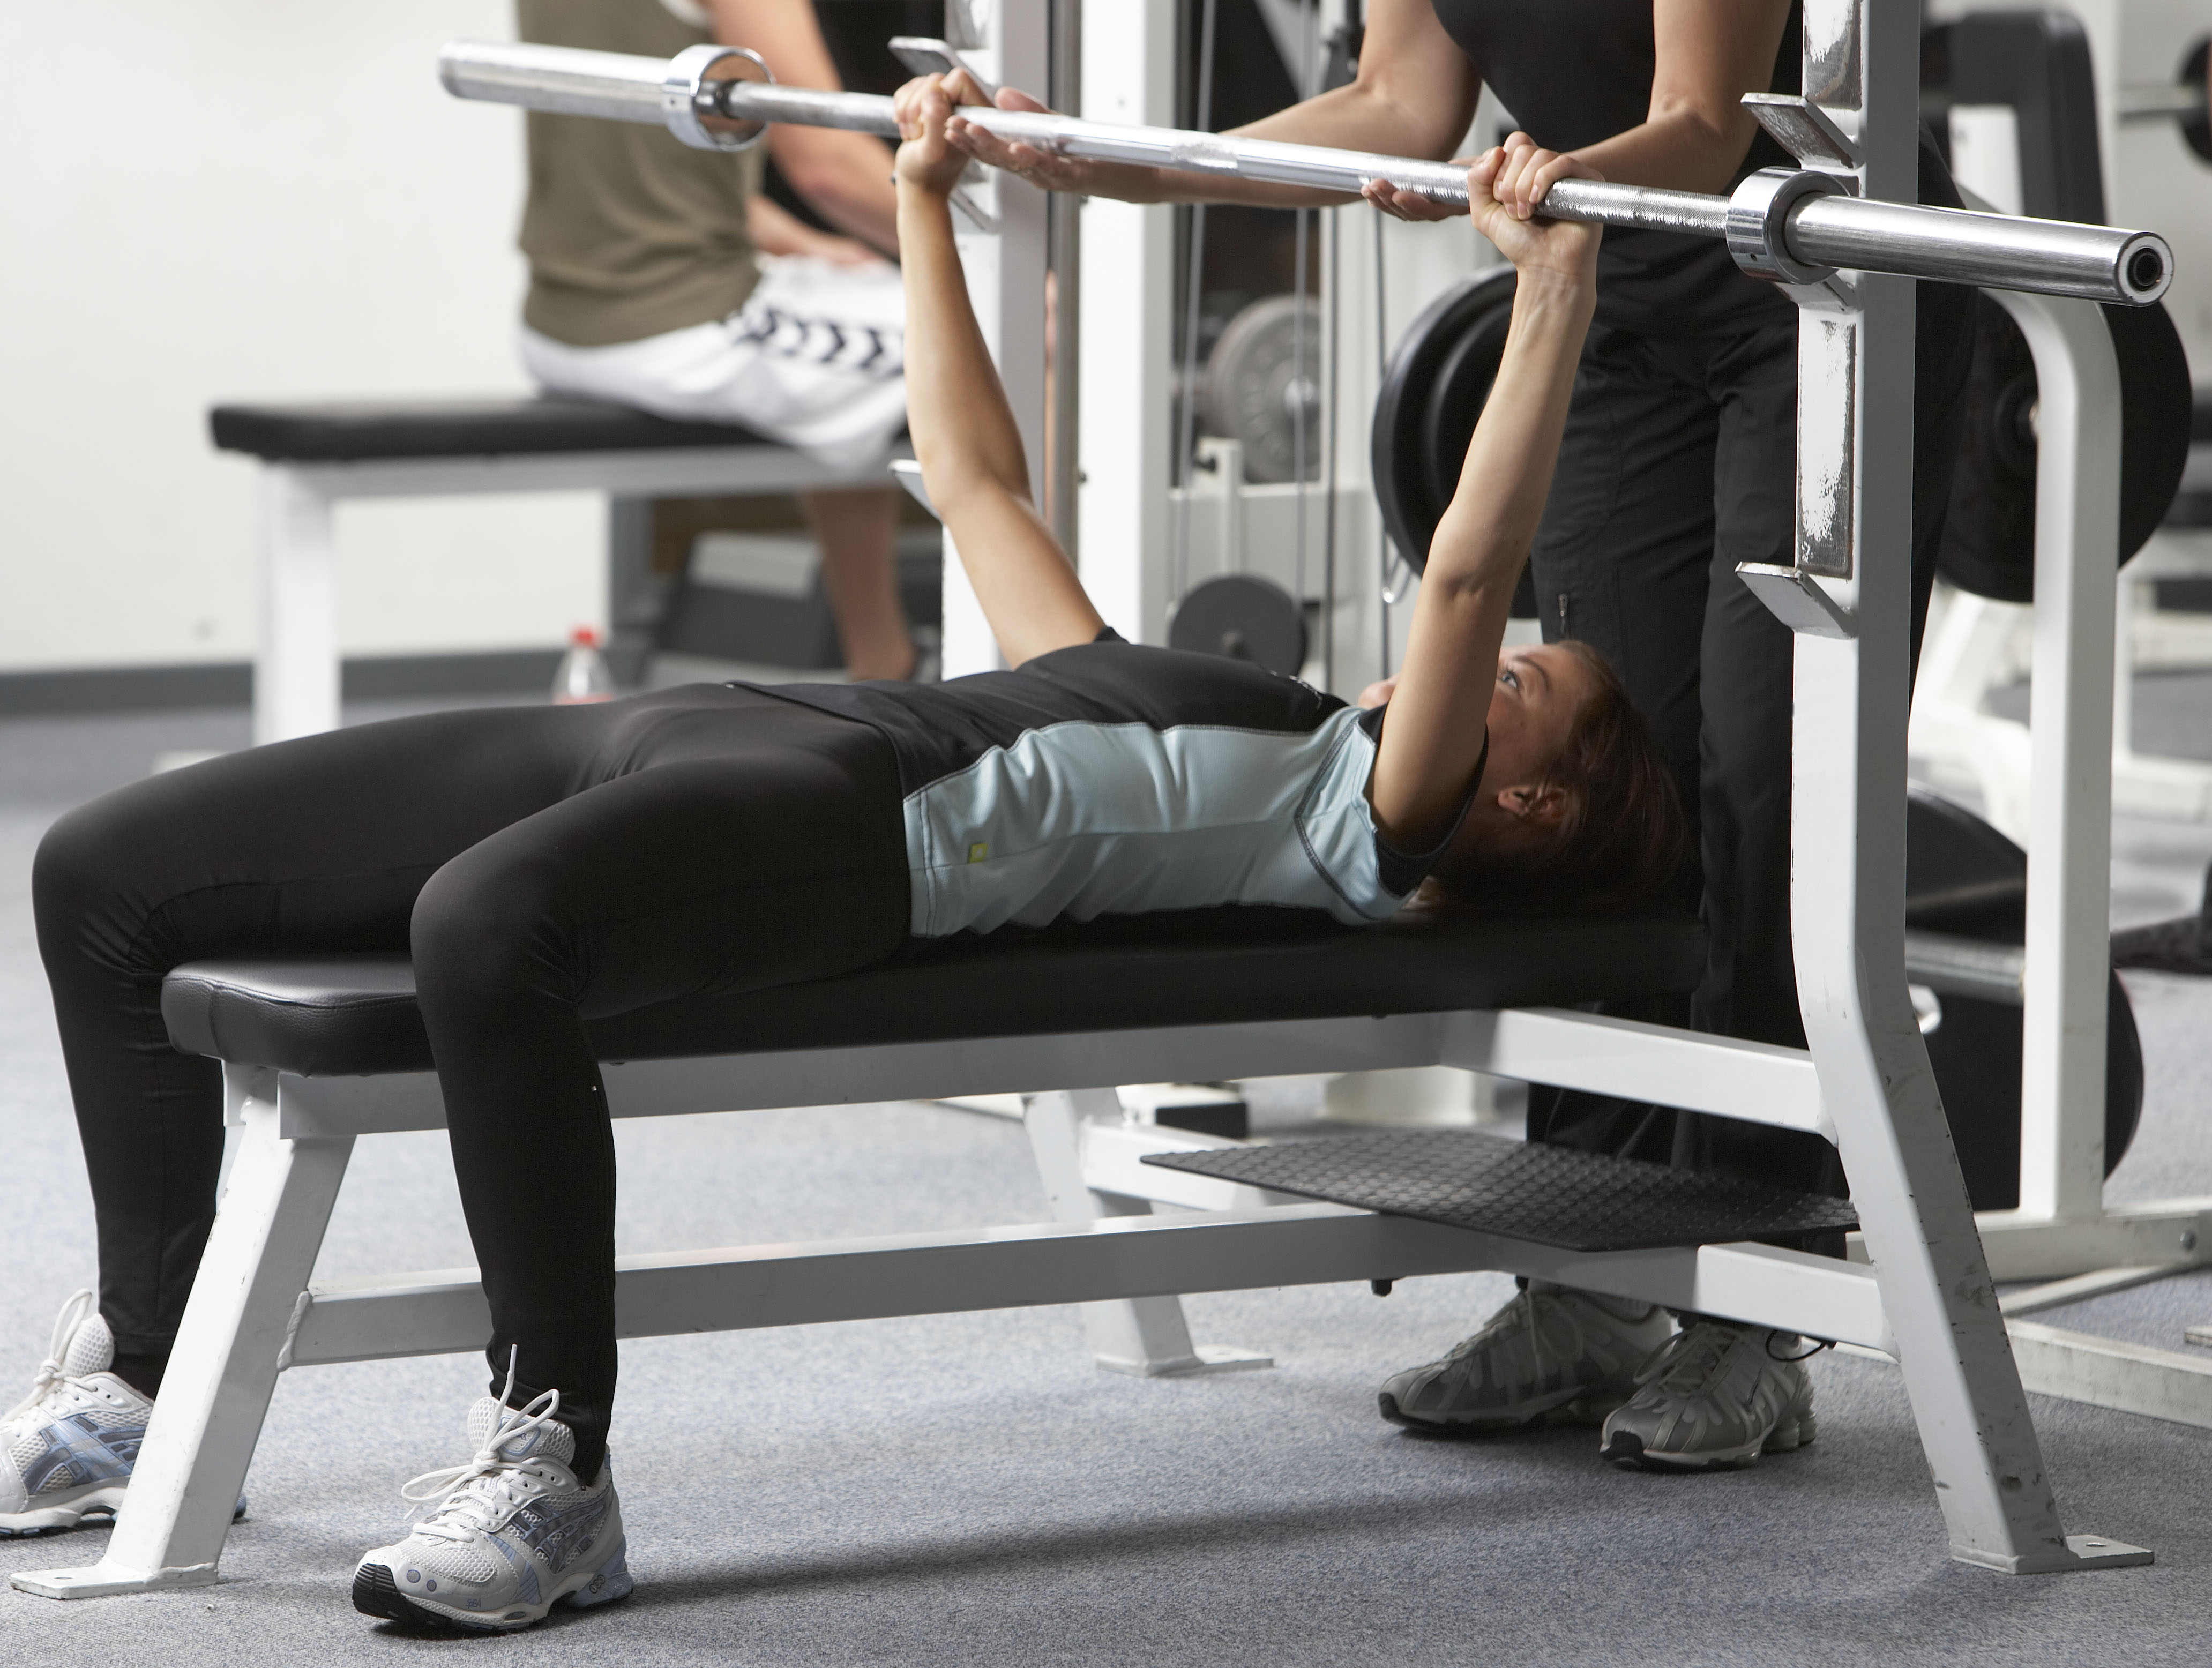 Fitness_traening_og_motivation